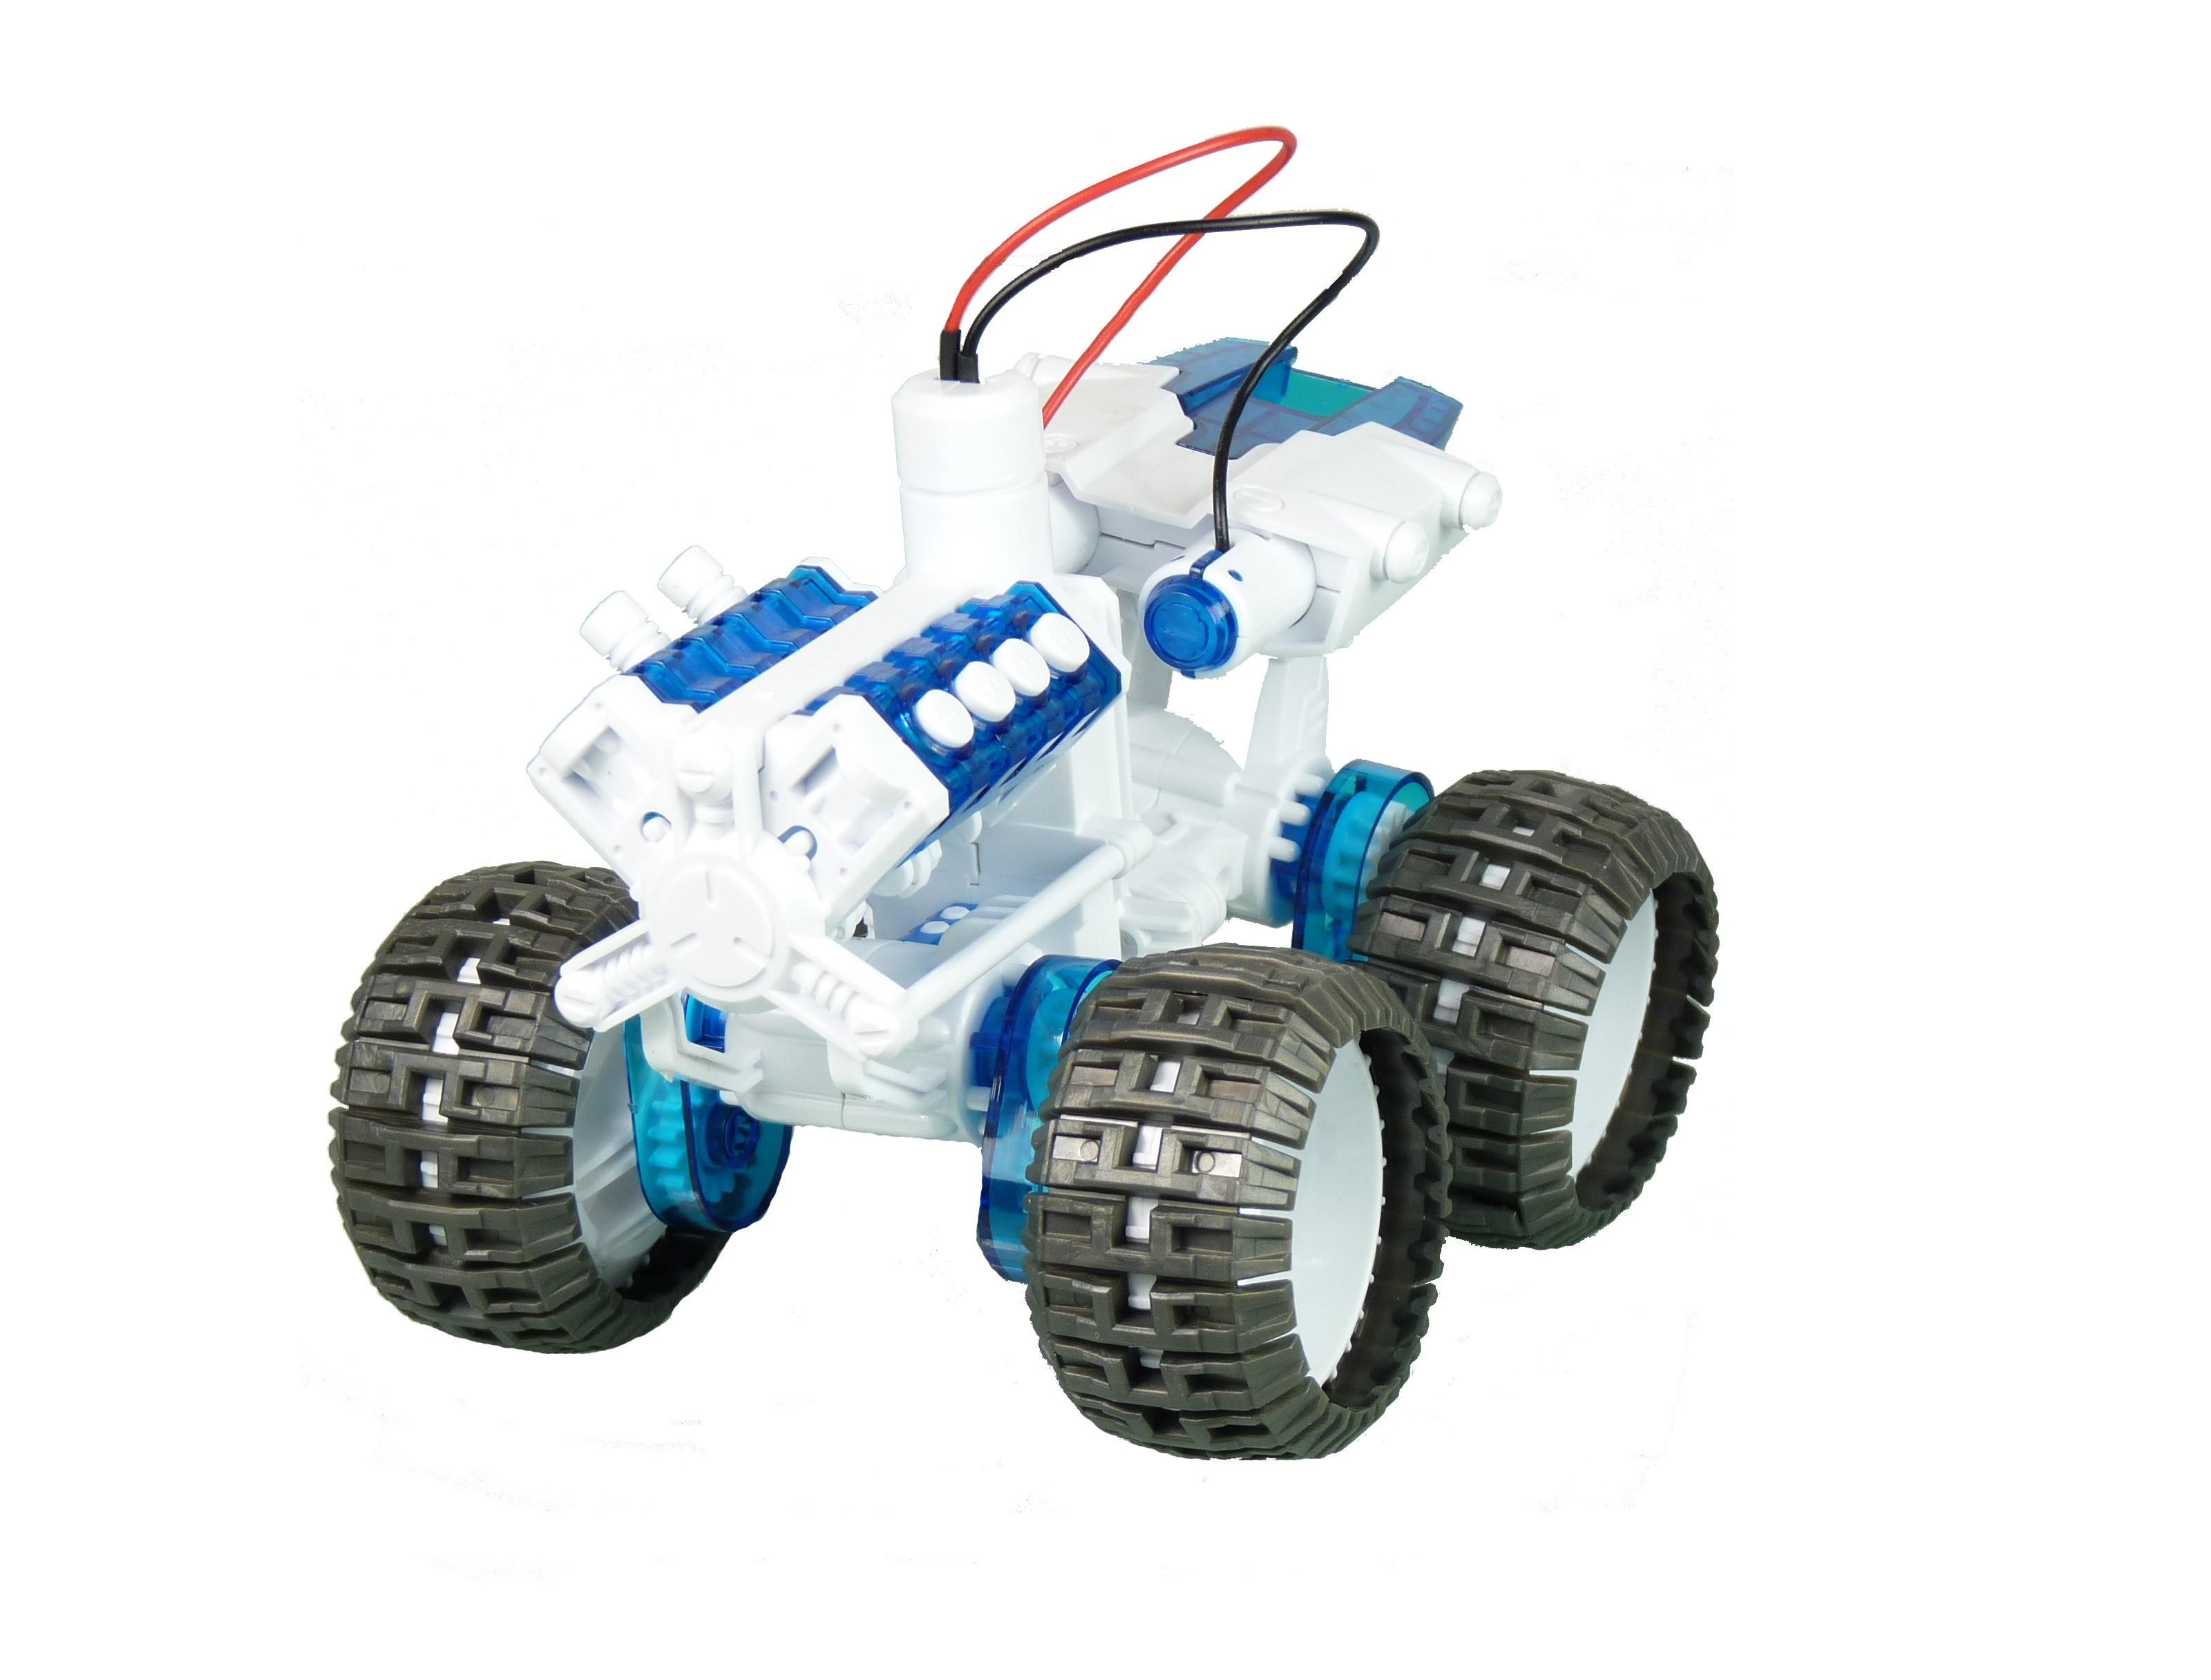 #0C3E7C Bedst Indlæring Gør Det Selv Robotter Og Modeller Gør Det Selv Vægdrivhus 6313 320024326313